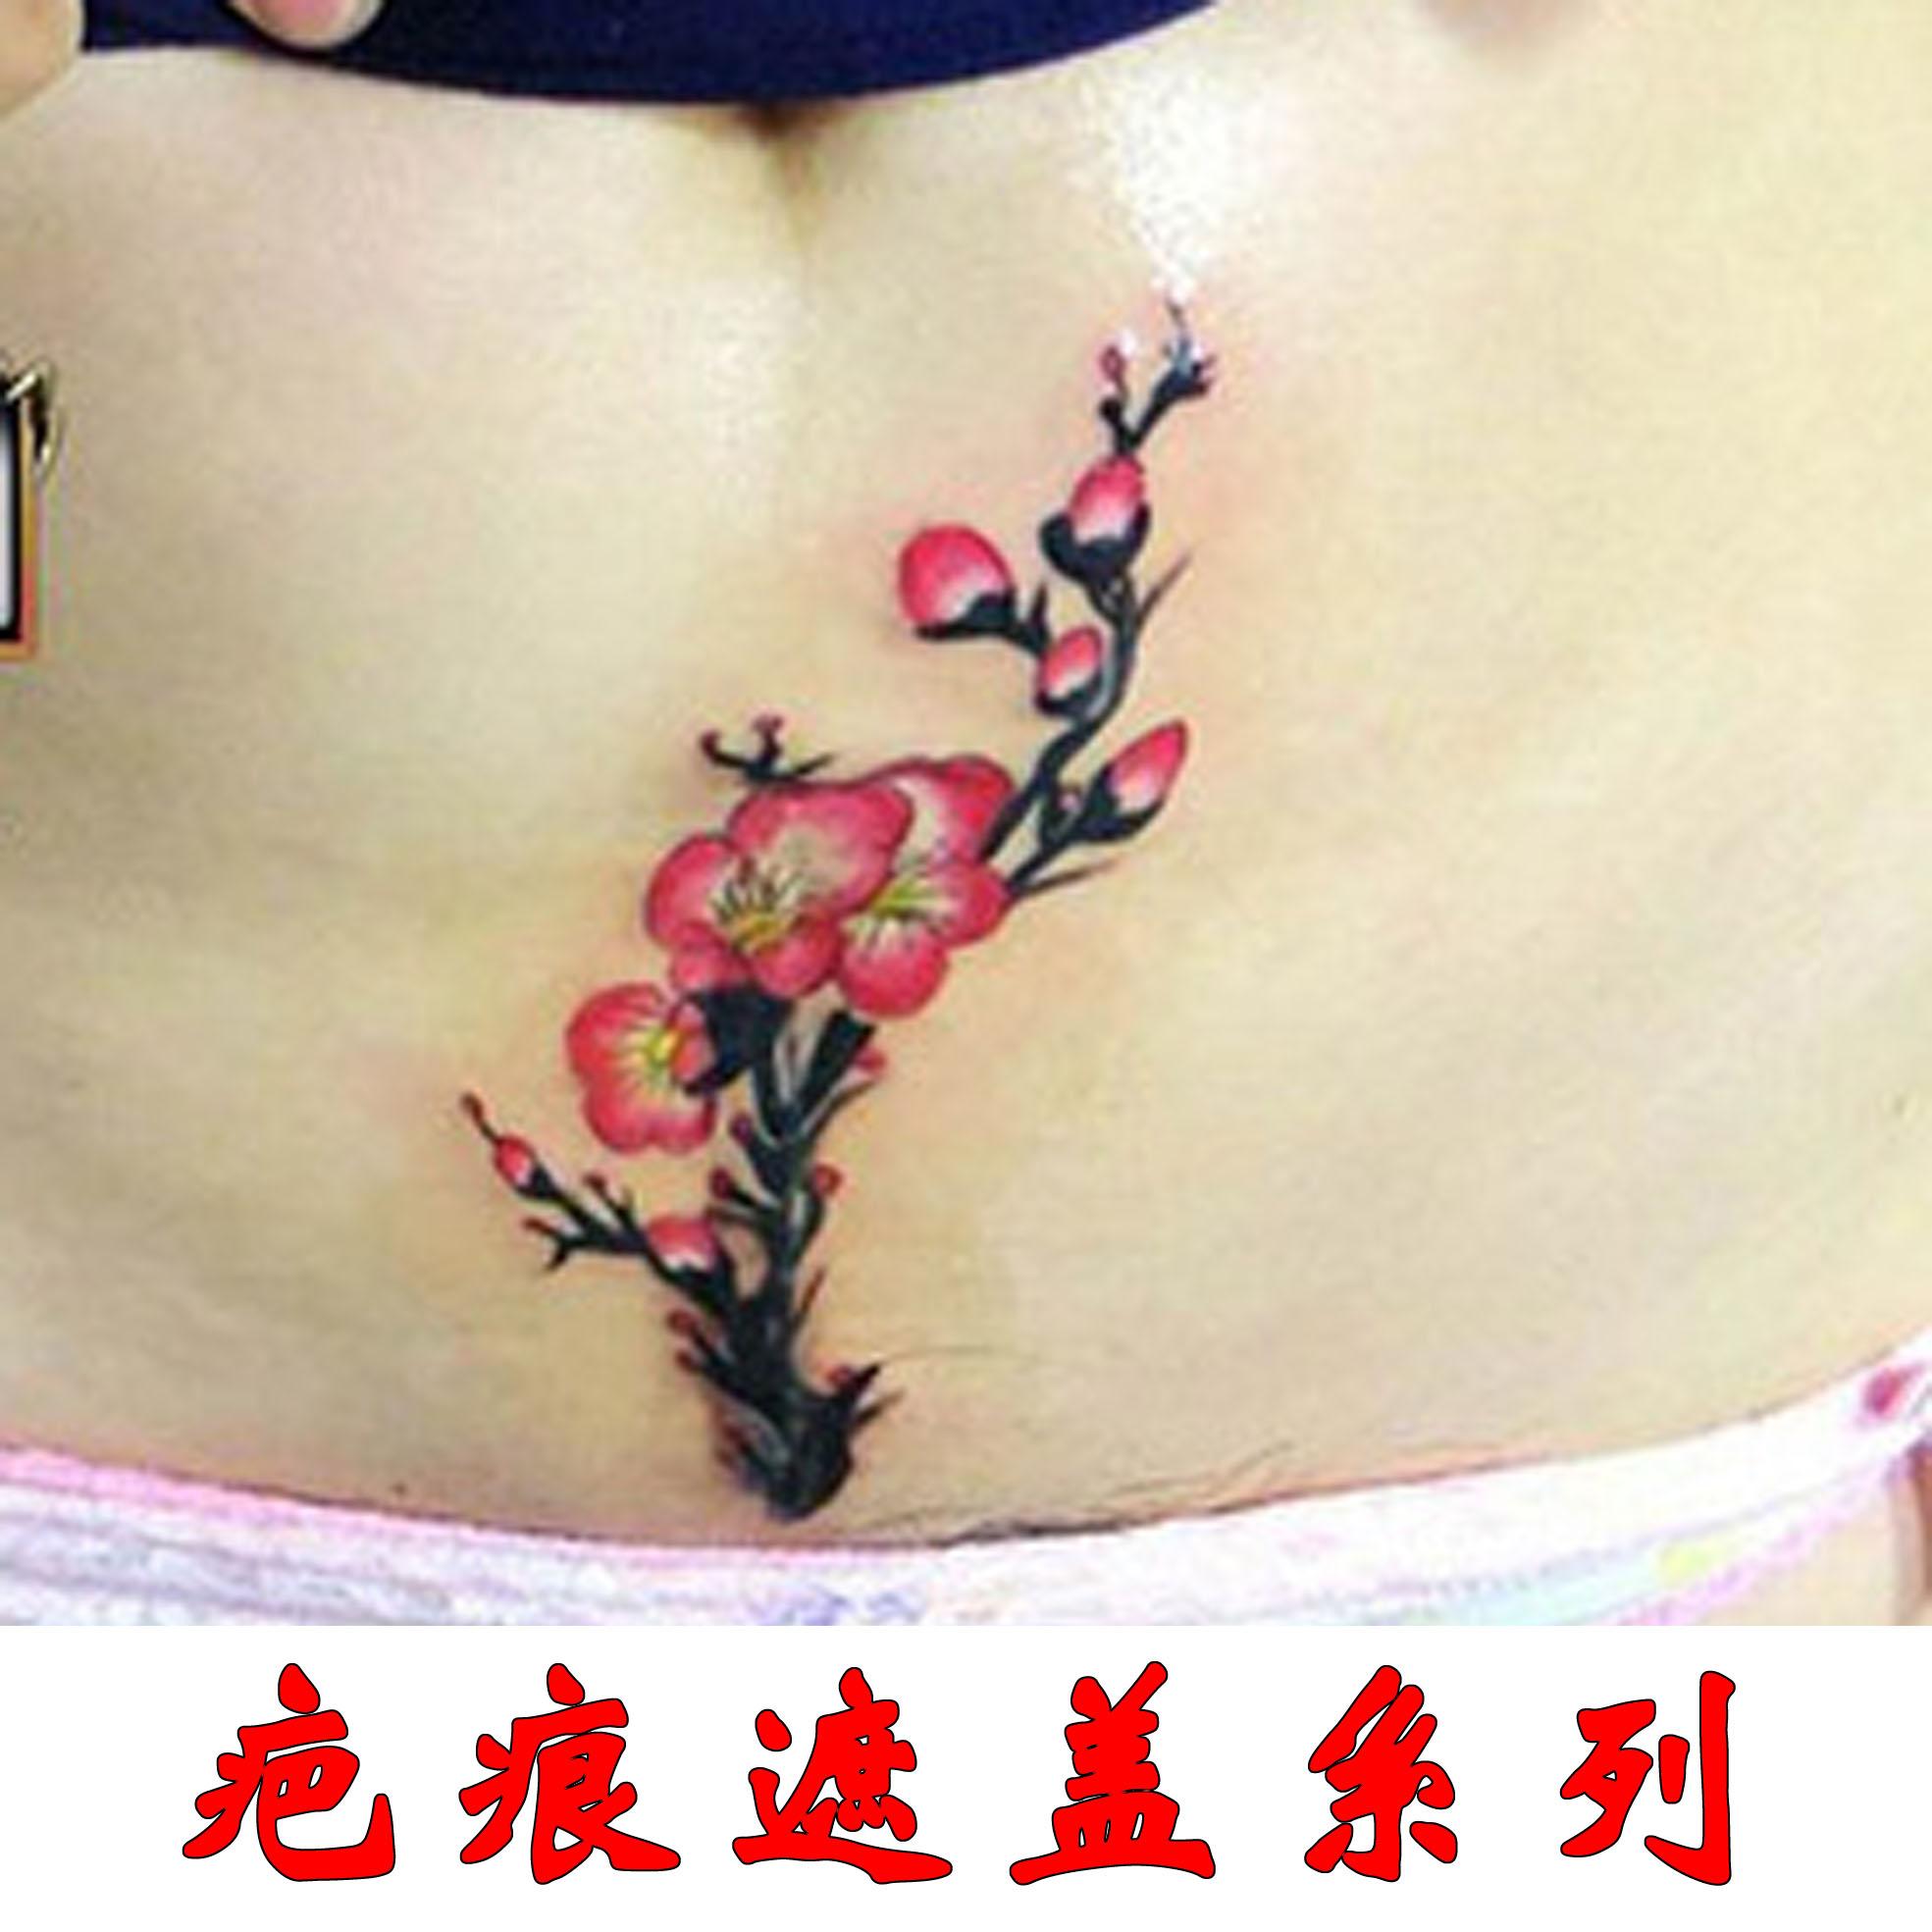 纹身贴防水 女肚子疤痕遮盖 梅花 效果逼真持久手术疤遮盖 剖腹产商品